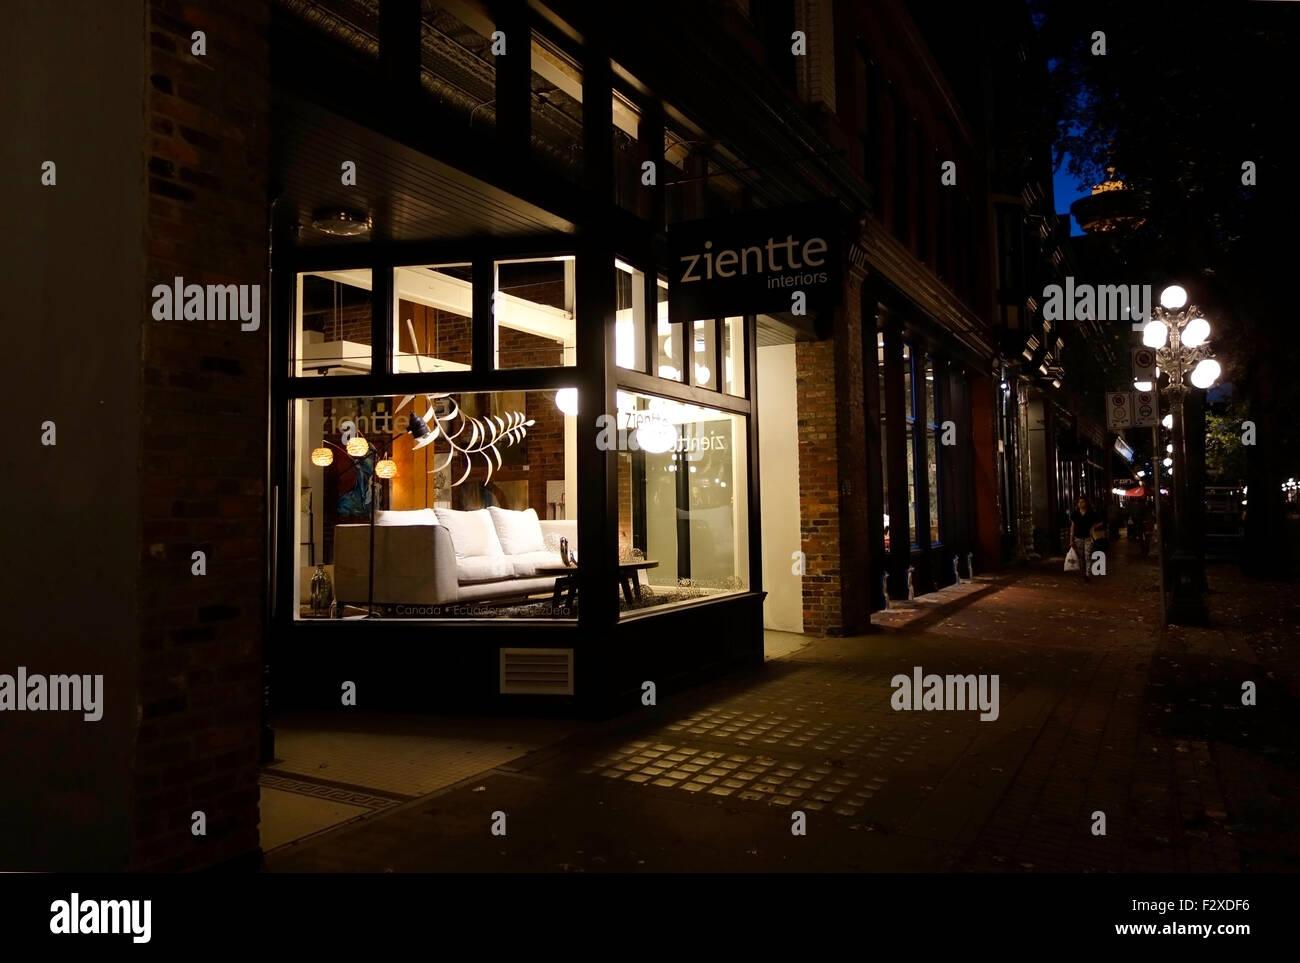 Visualizaci N De La Ventana Por La Noche De Un Almac N De Muebles  # Muebles Zientte